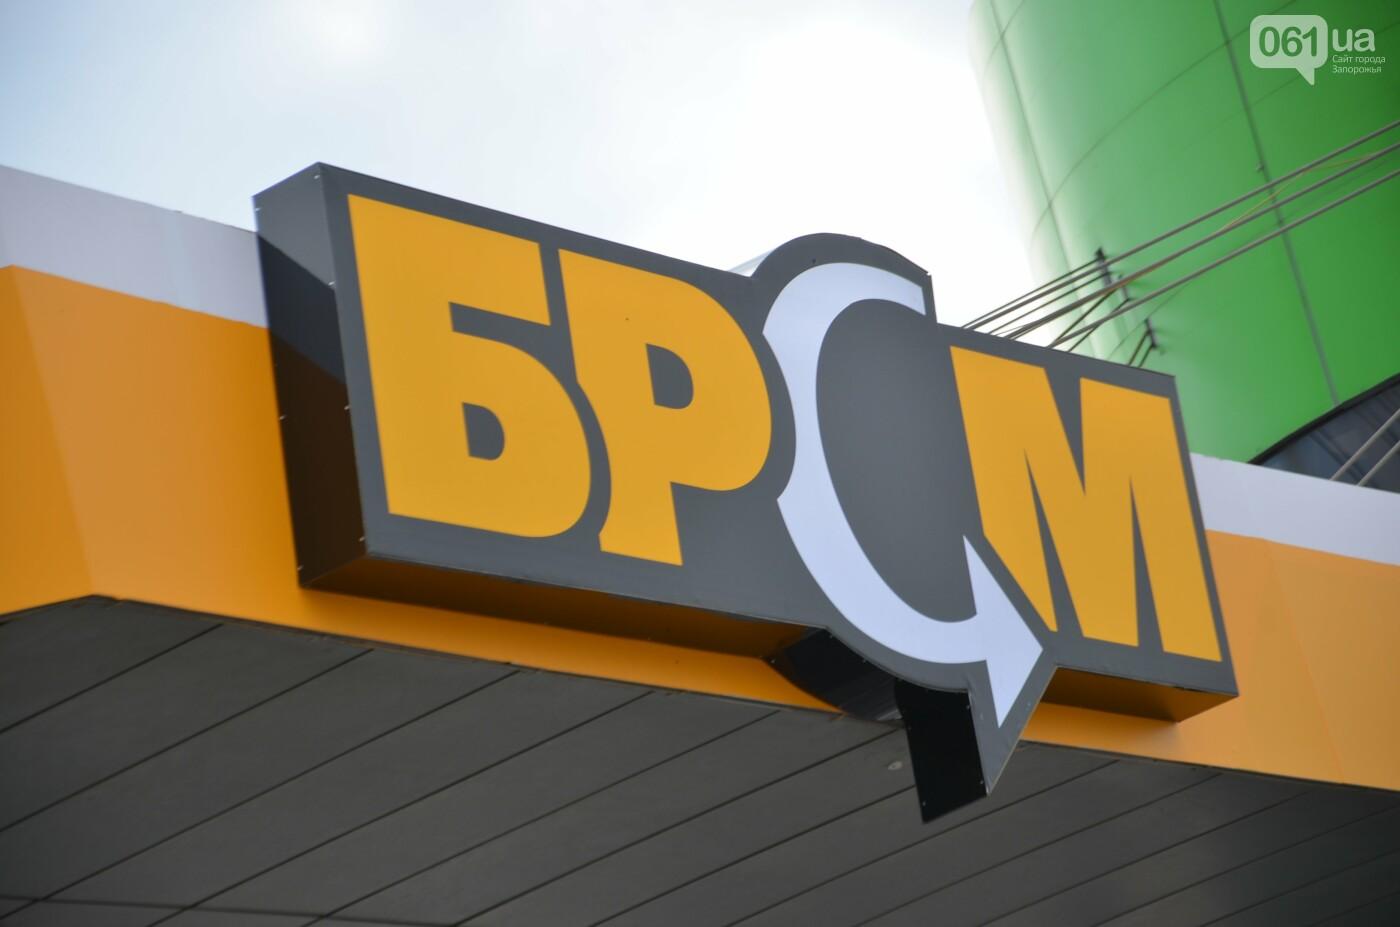 Отличный сервис, приятные цены и акции: в Запорожье открыли два новых автозаправочных комплекса БРСМ-Нафта, фото-1